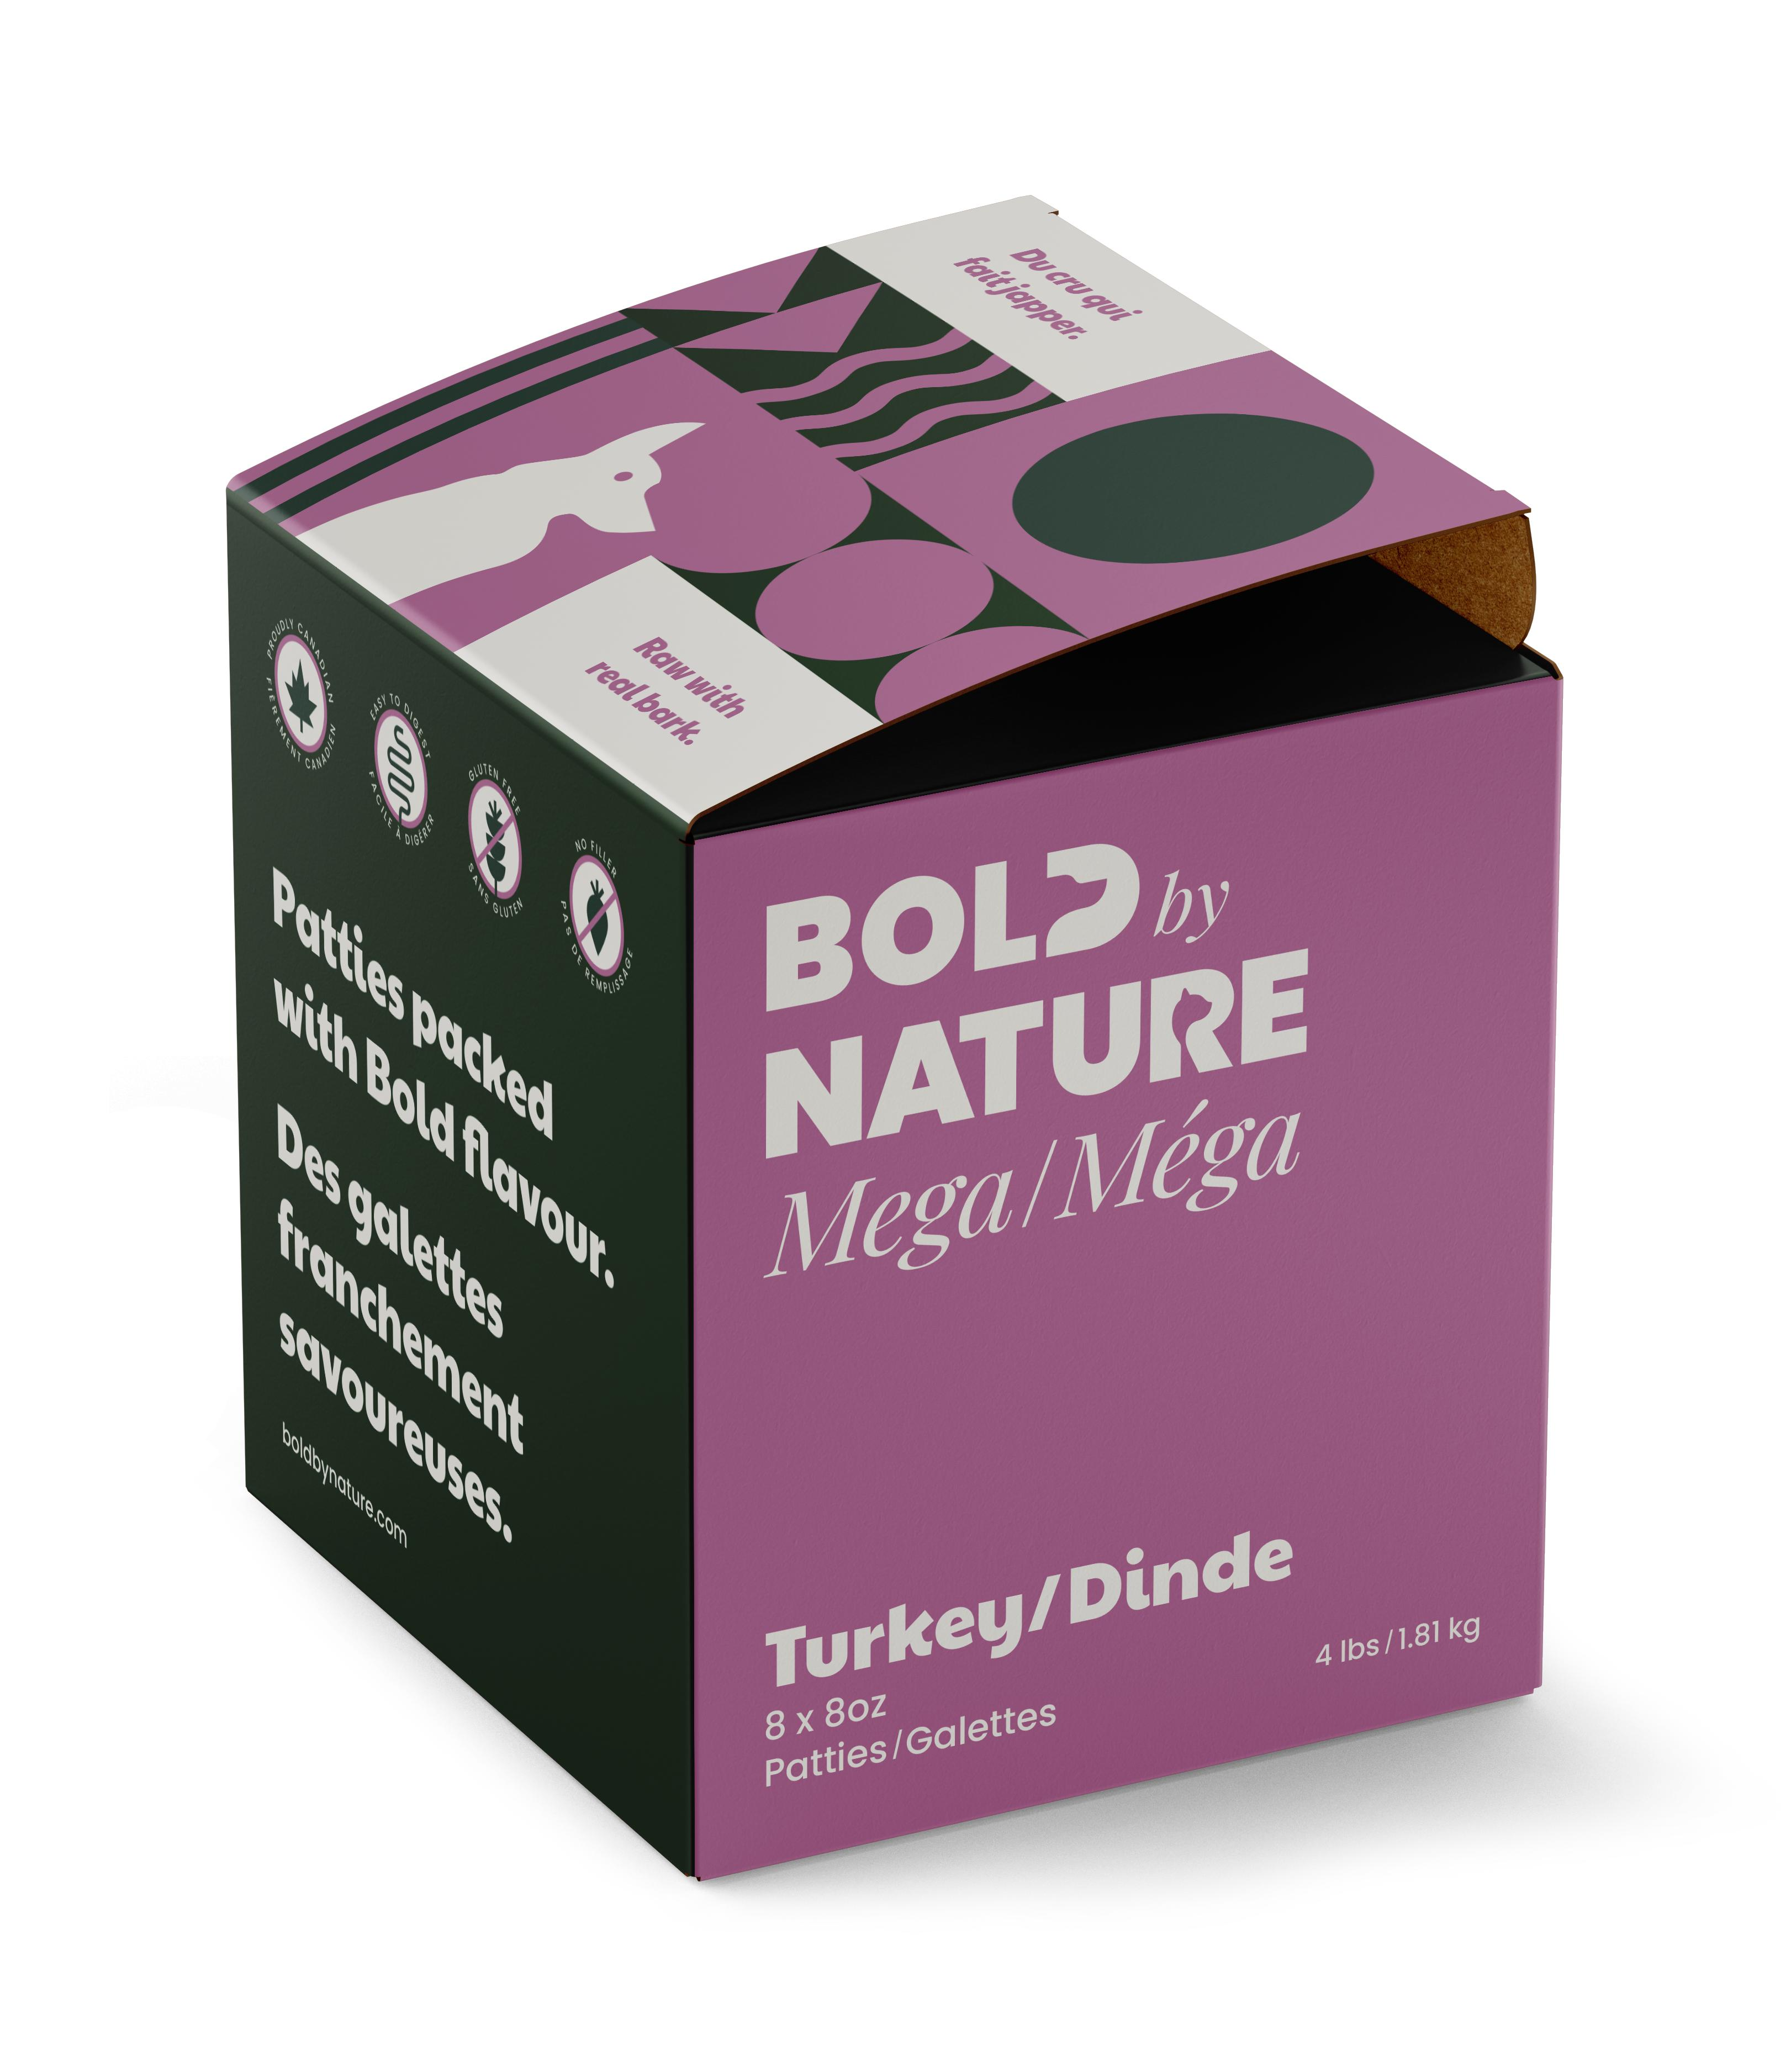 Bold by Nature Dog Mega Turkey Patties Dog Food Image